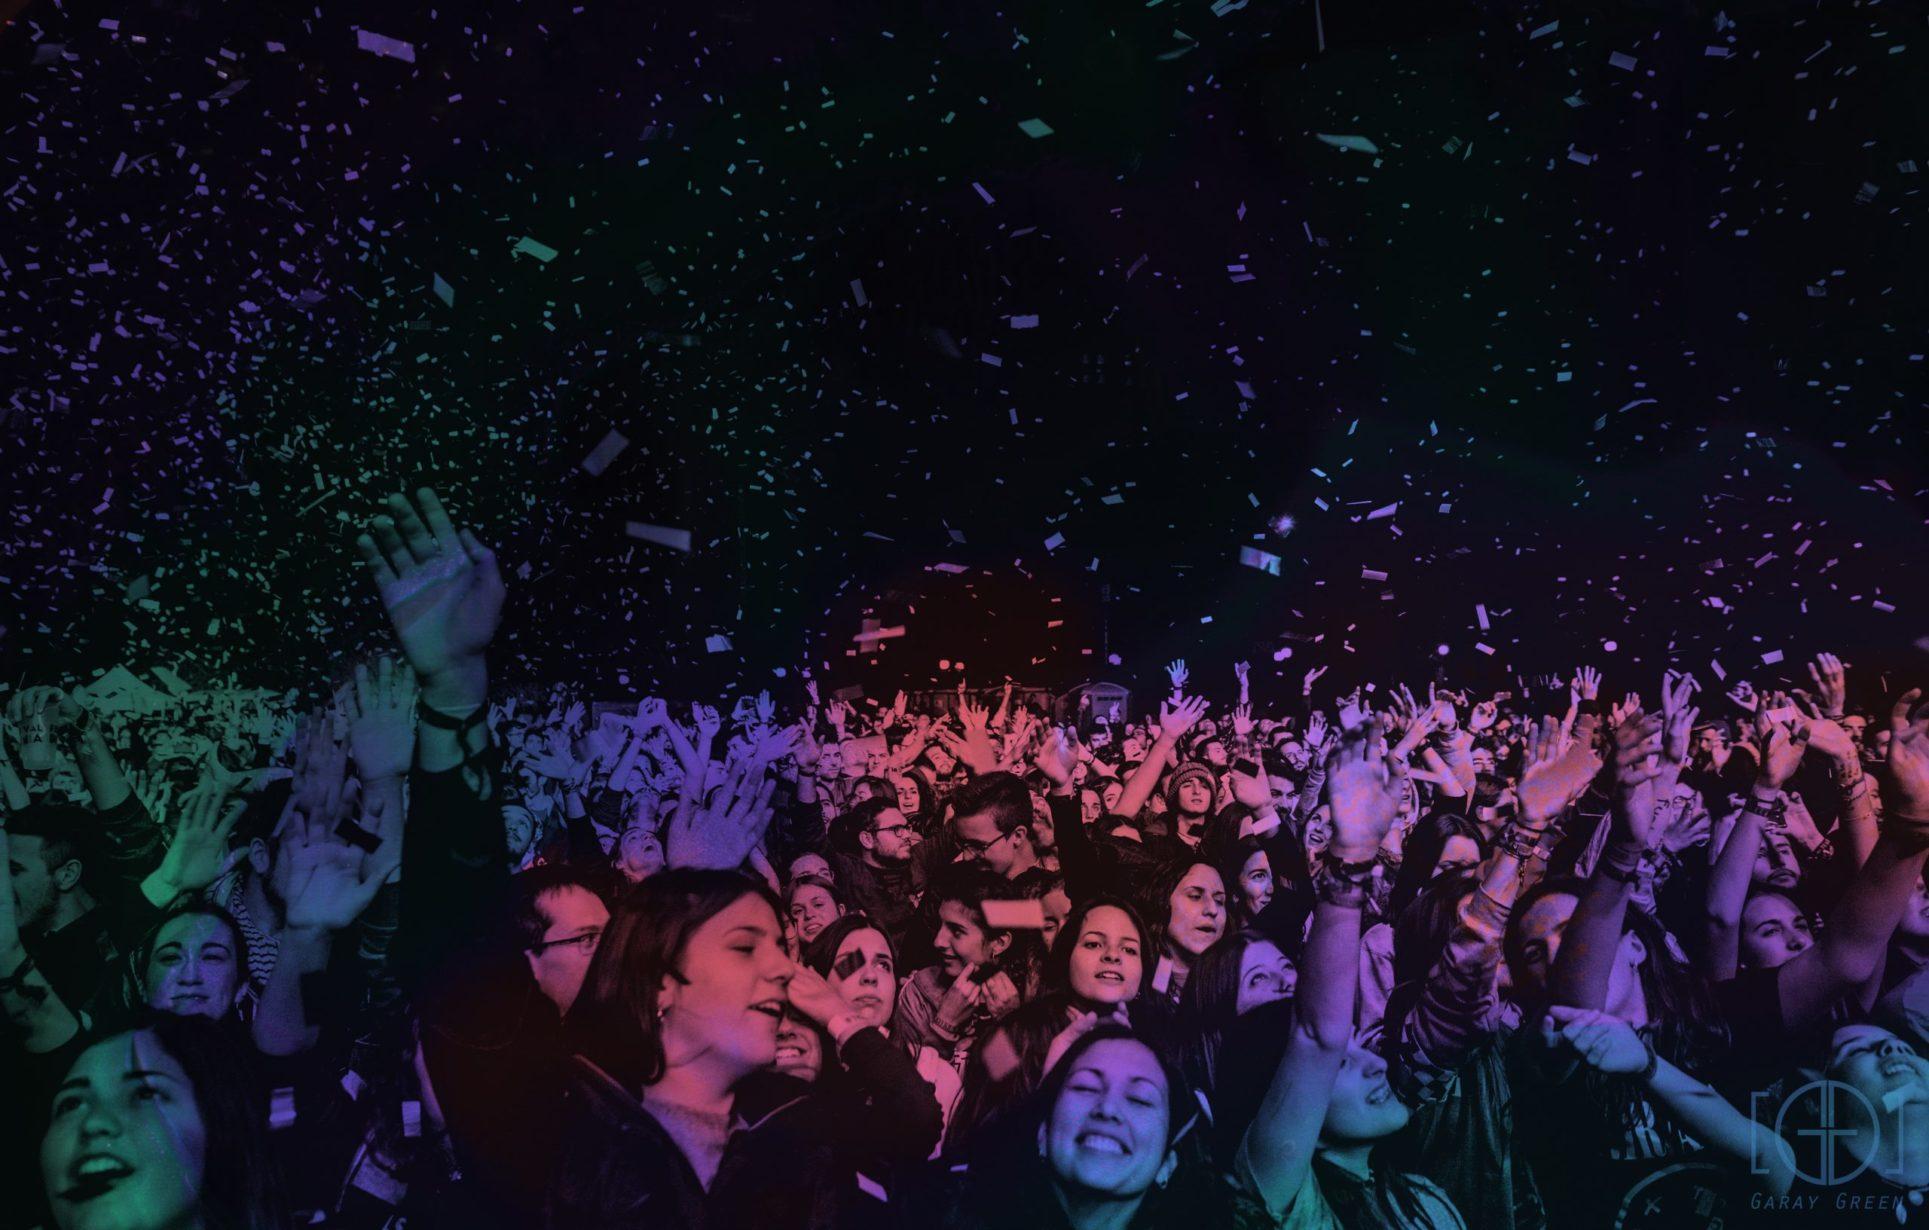 La quarta edició del Festival Diània comptarà amb set grups i més de deu hores de música El Periòdic d'Ontinyent